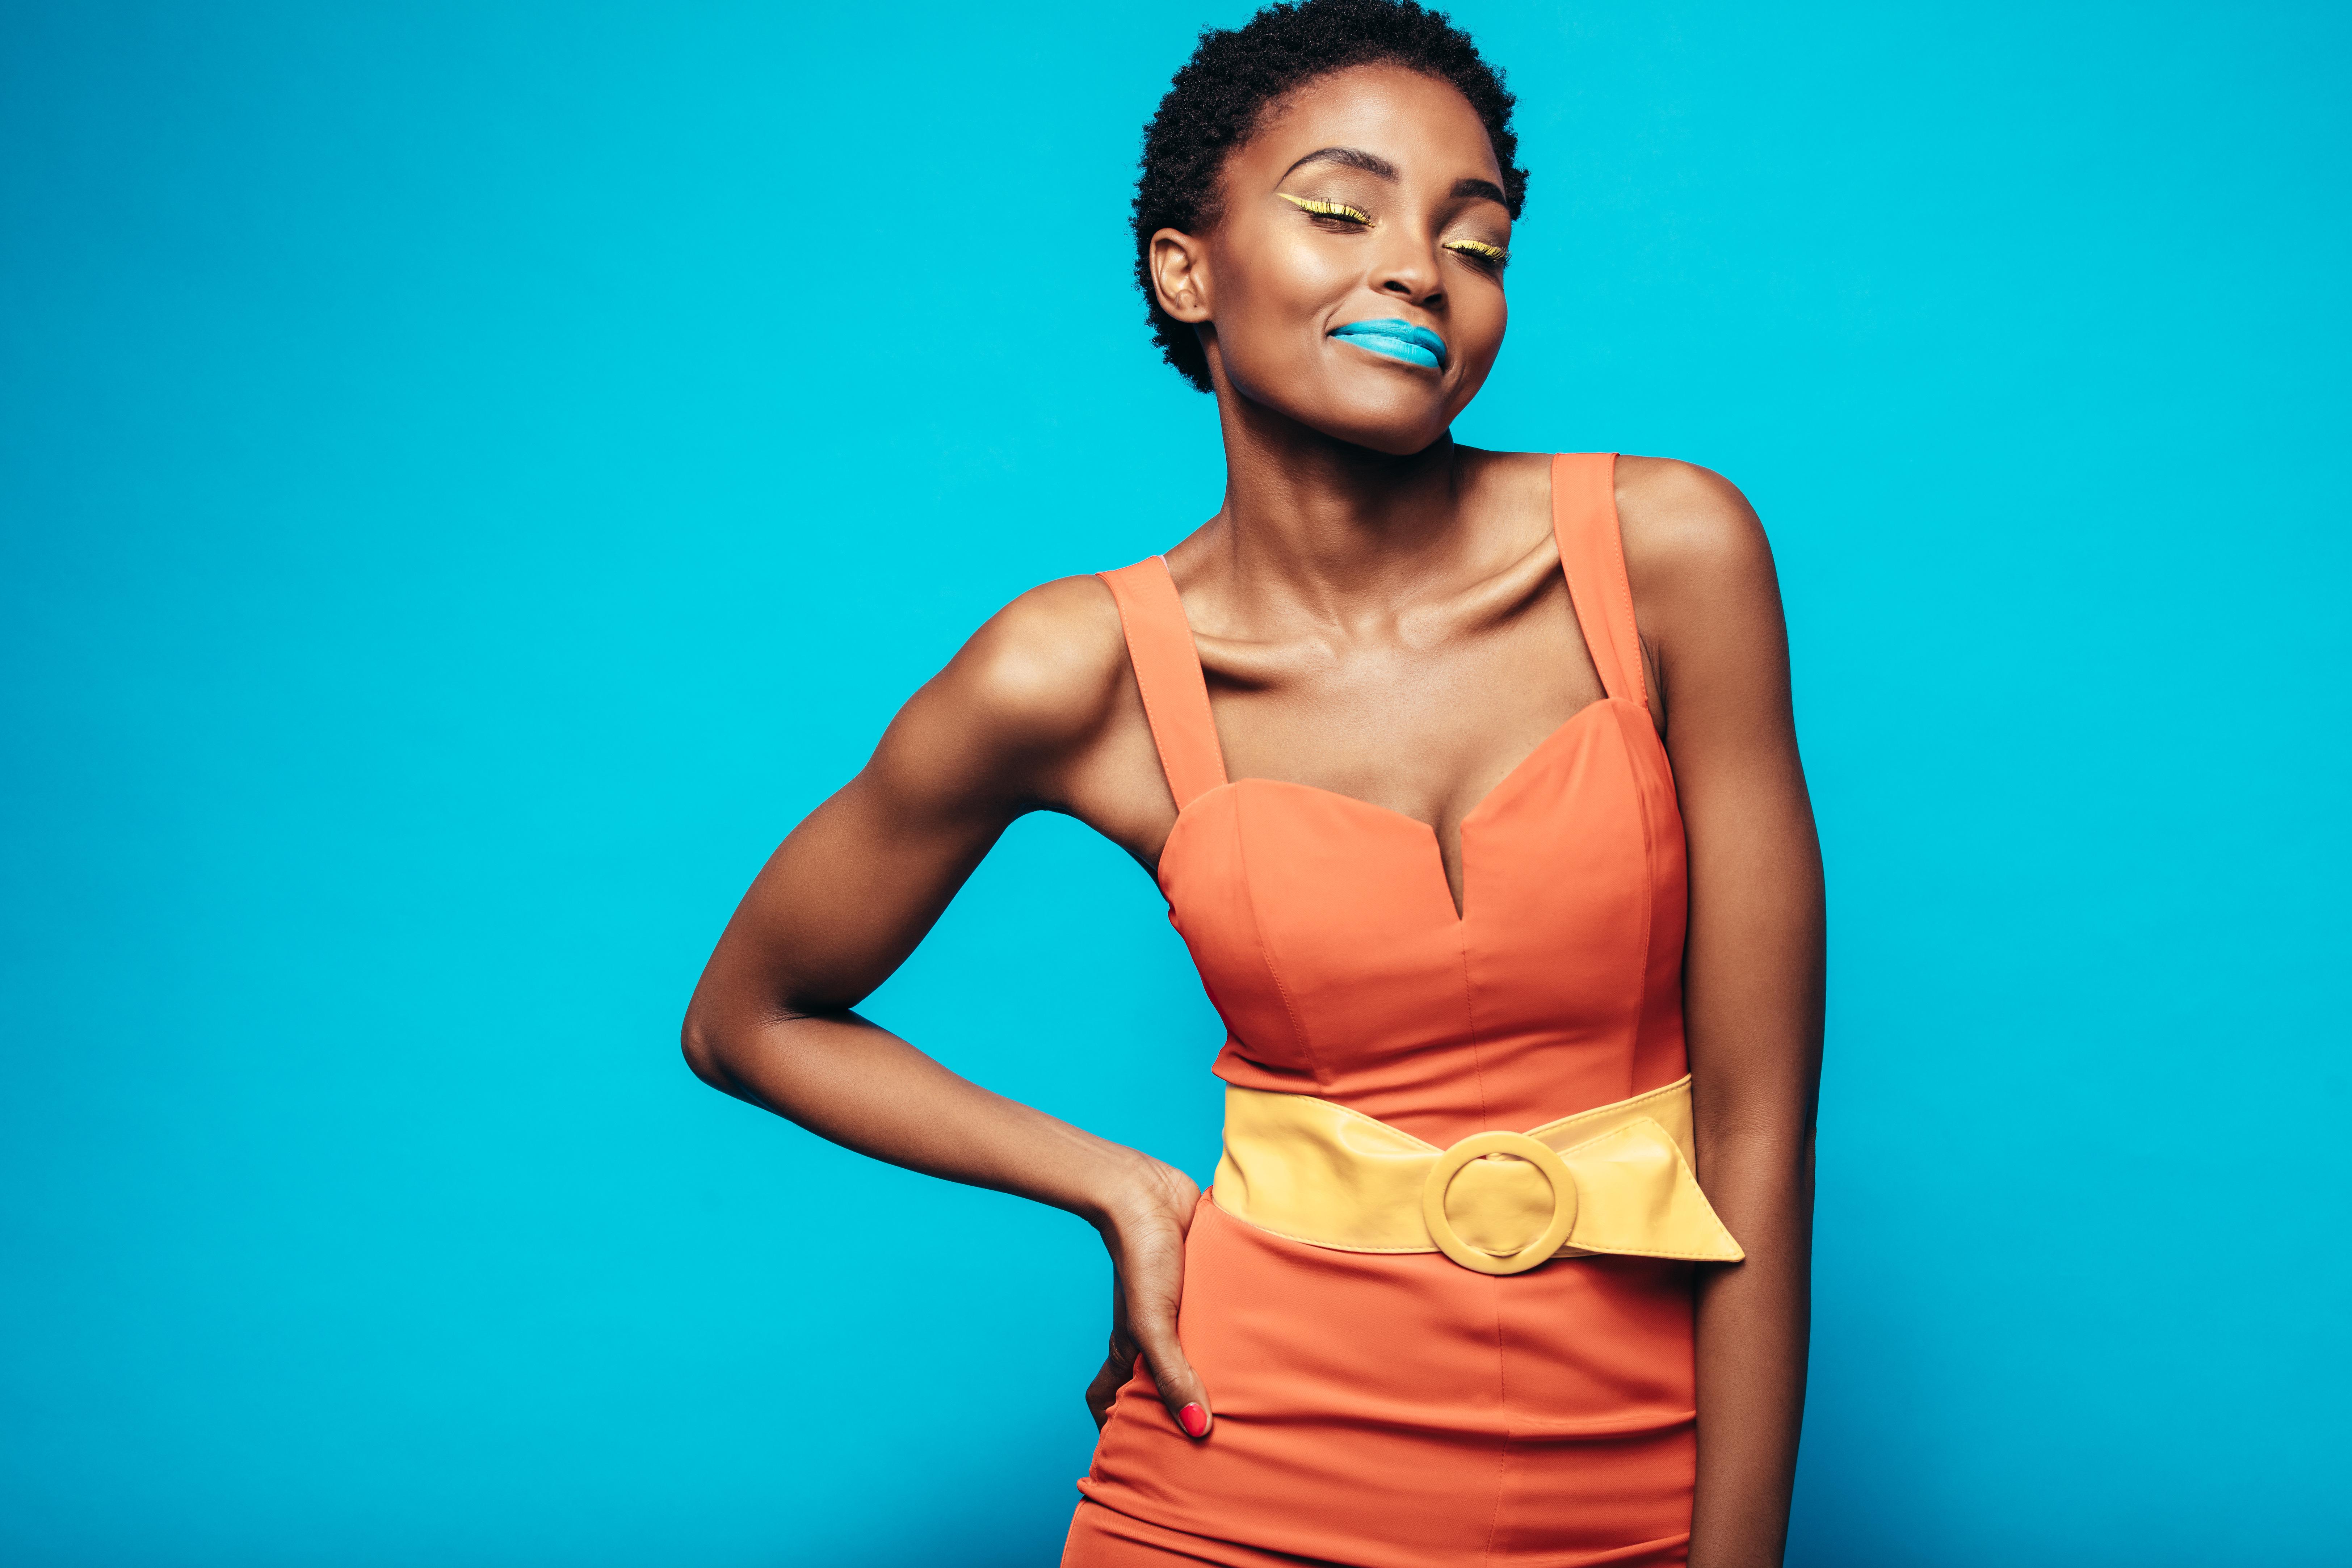 d4d0dd3c8 Confira 3 tendências da moda em 2019 - Carteira do Estudante ISIC